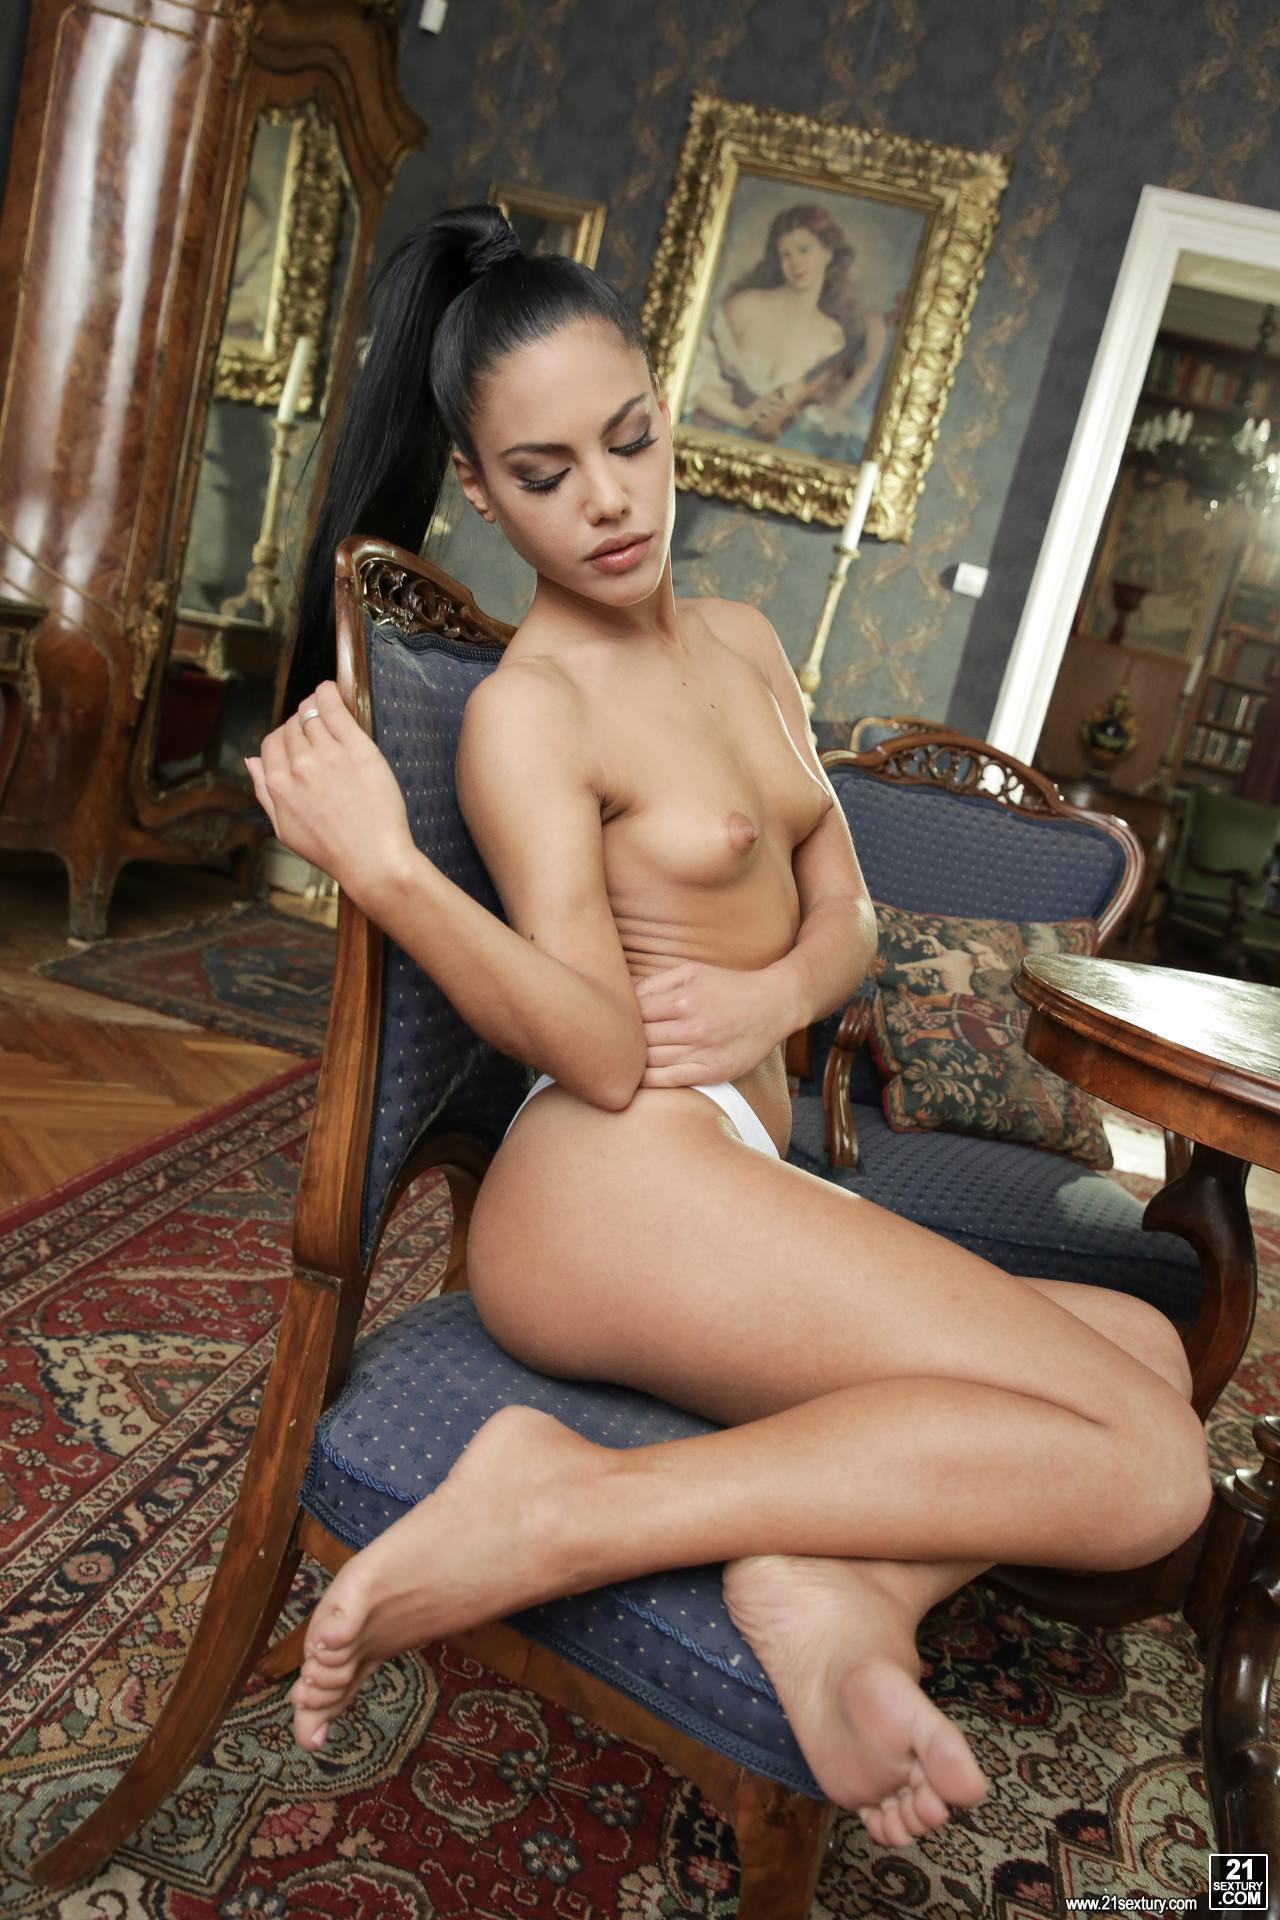 Apolonia Porno Trio ▷ apolonia lapiedra in naughty feet (photo 48) | 21sextury